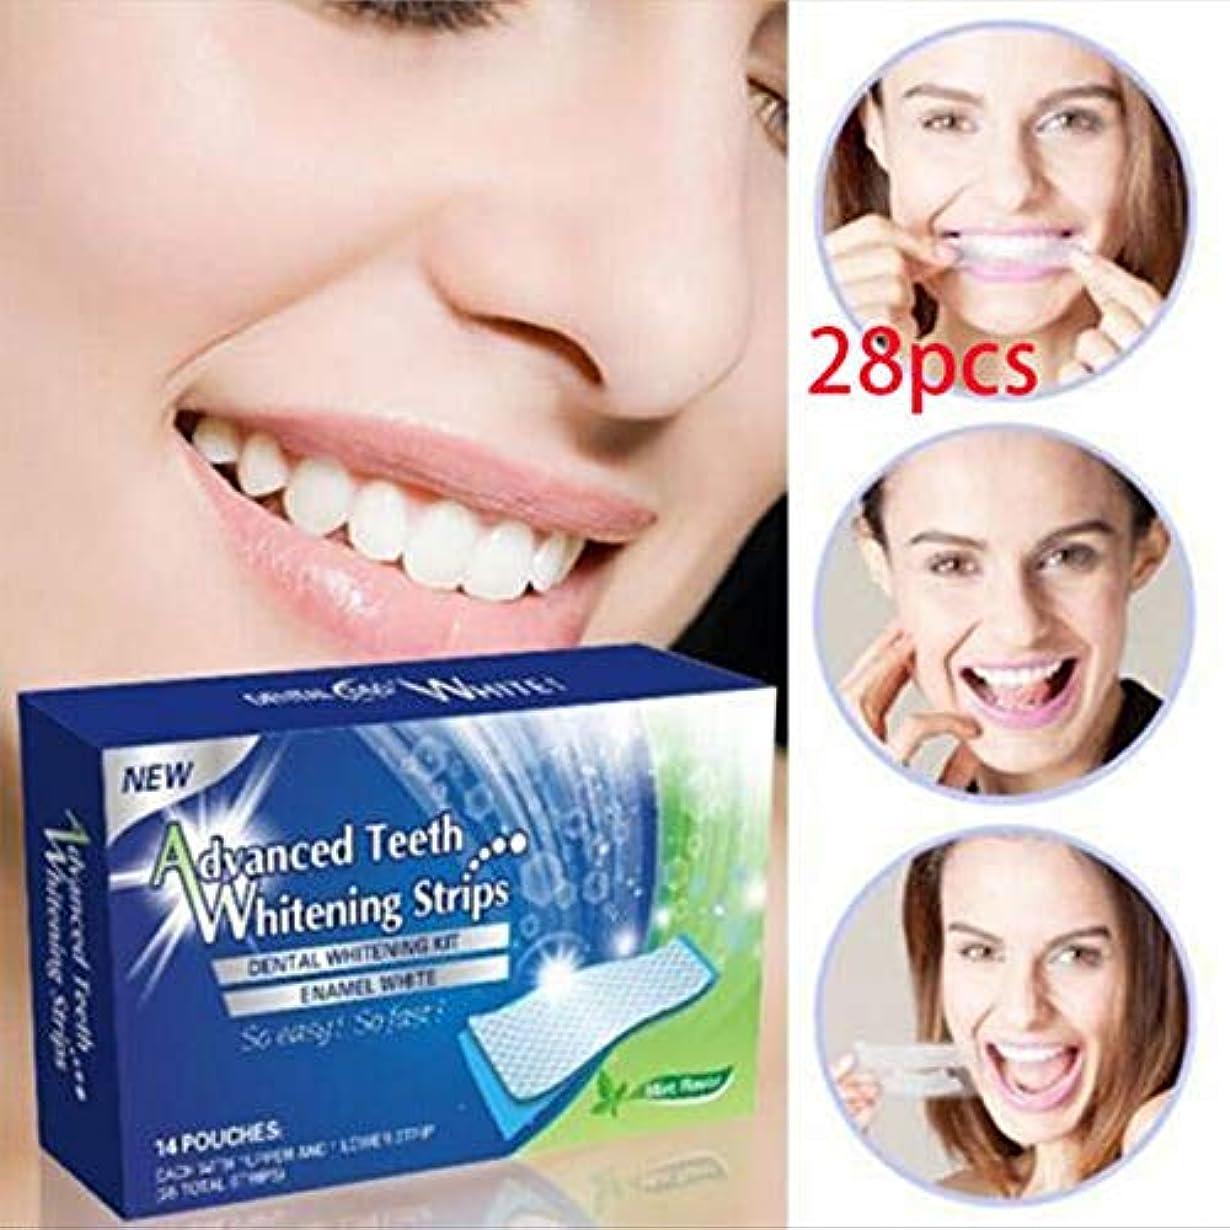 ジャグリング厄介な優れました歯 美白 ホワイトニング マニキュア 歯ケア 歯のホワイトニング 美白歯磨き 歯を白 ホワイトニングテープ 歯を漂白 14セット/28枚